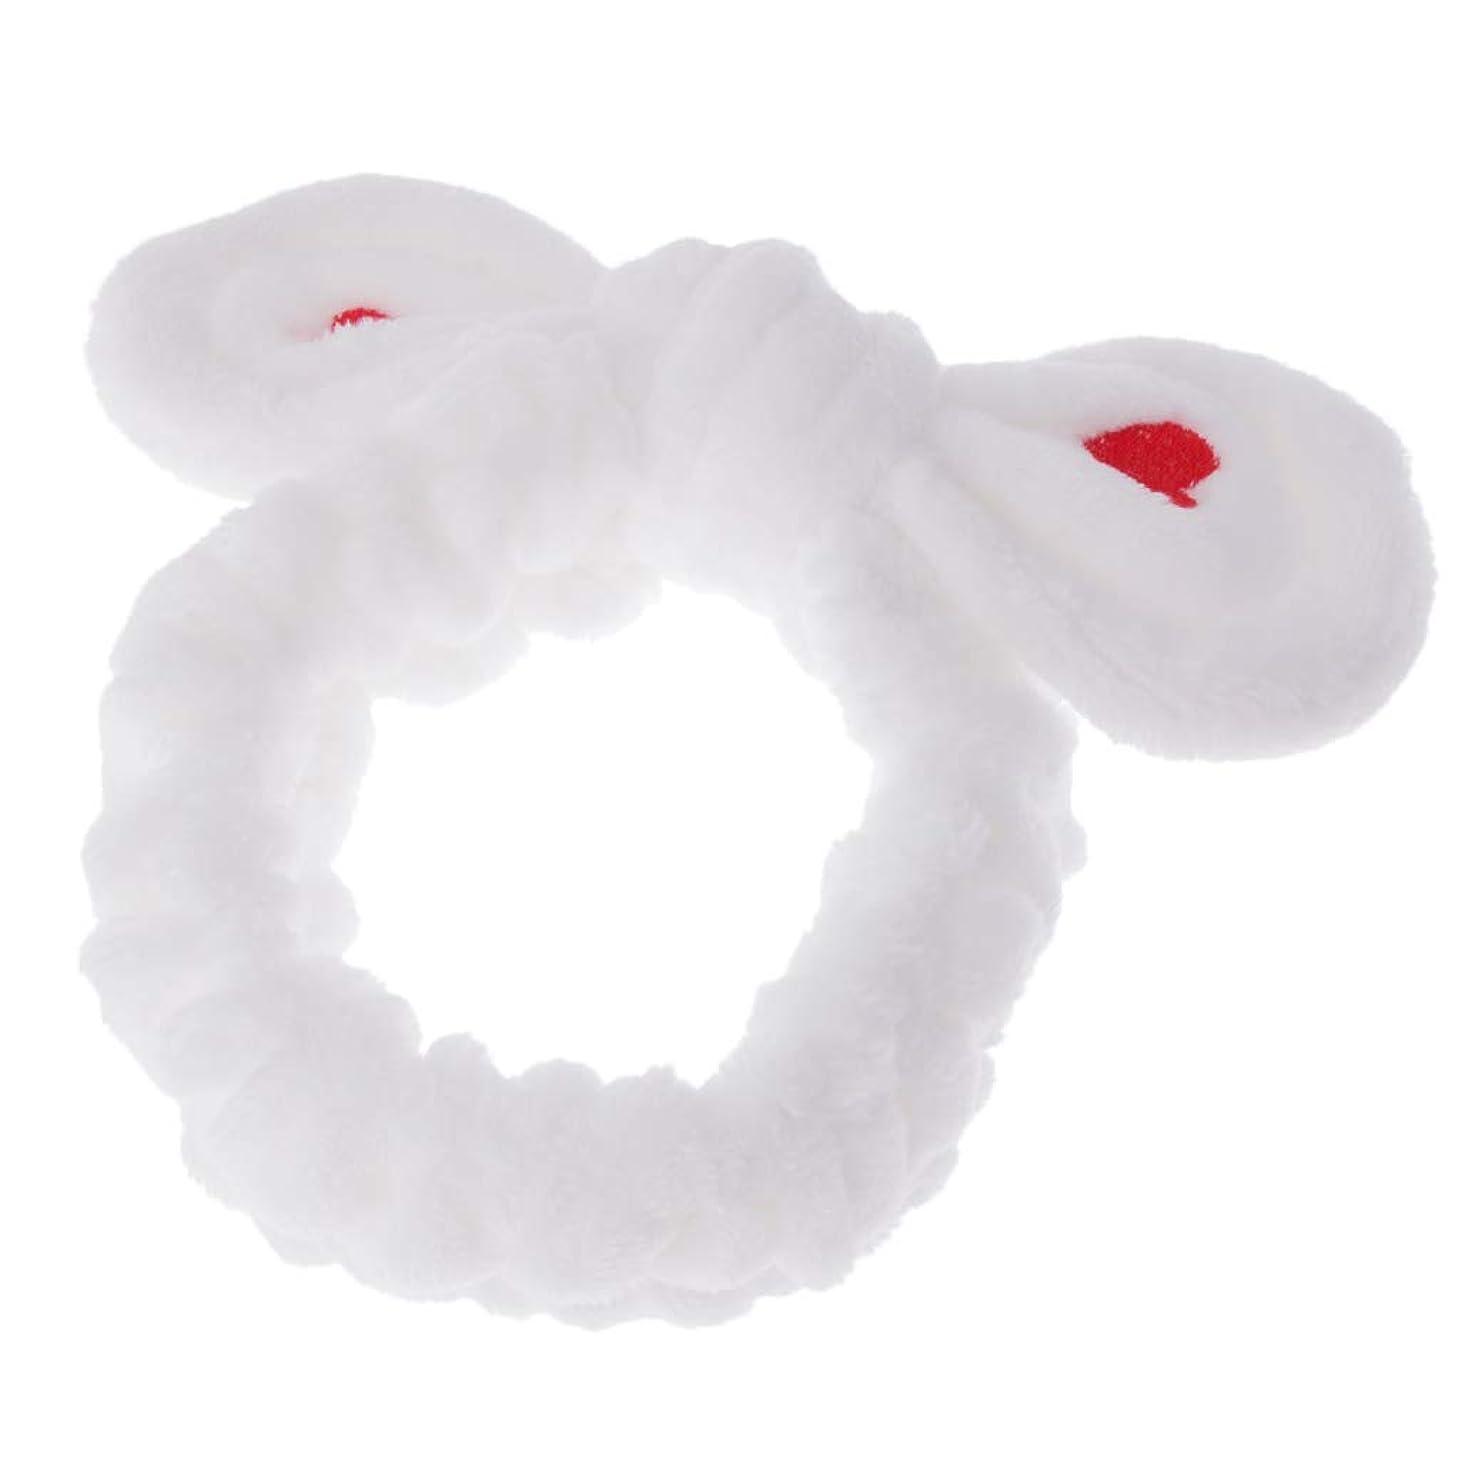 クラッシュスペル味方P Prettyia ヘアバンド かわいいウサギの耳 刺繍柄 ヘアスタイリング ヘア飾り 全4色 - ホワイト